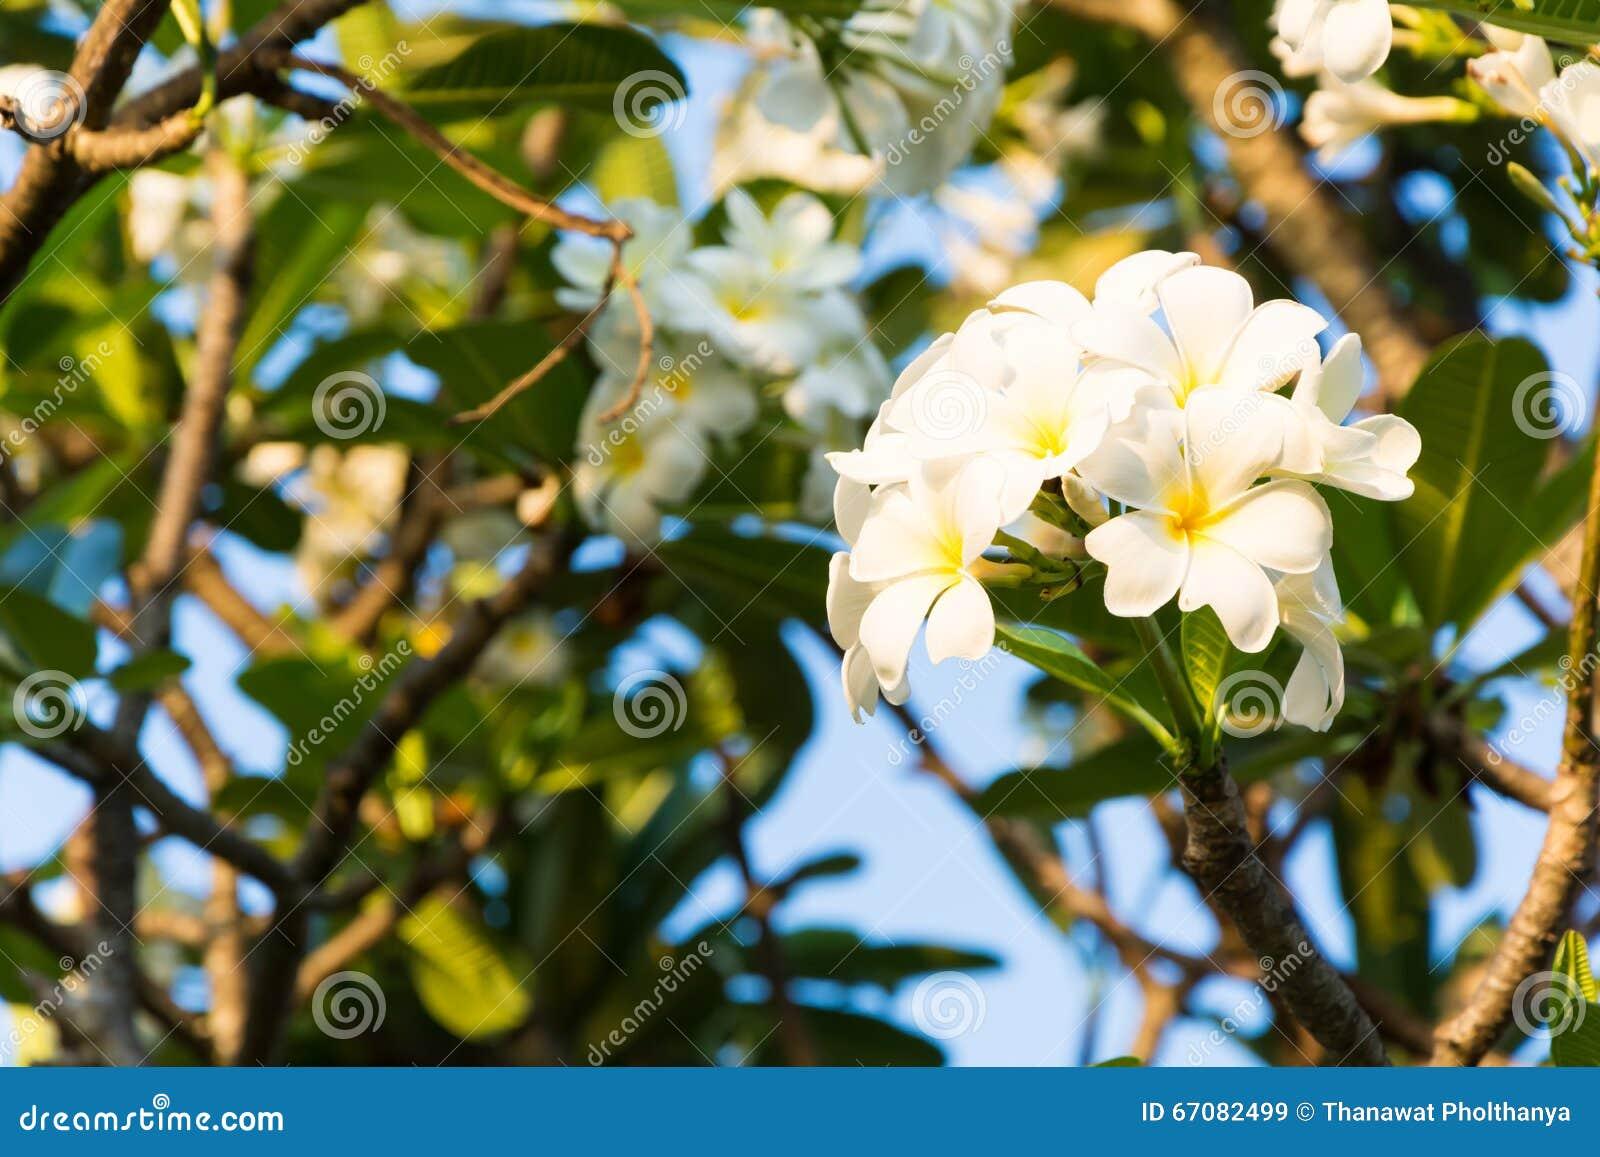 Belles fleurs de plumeria